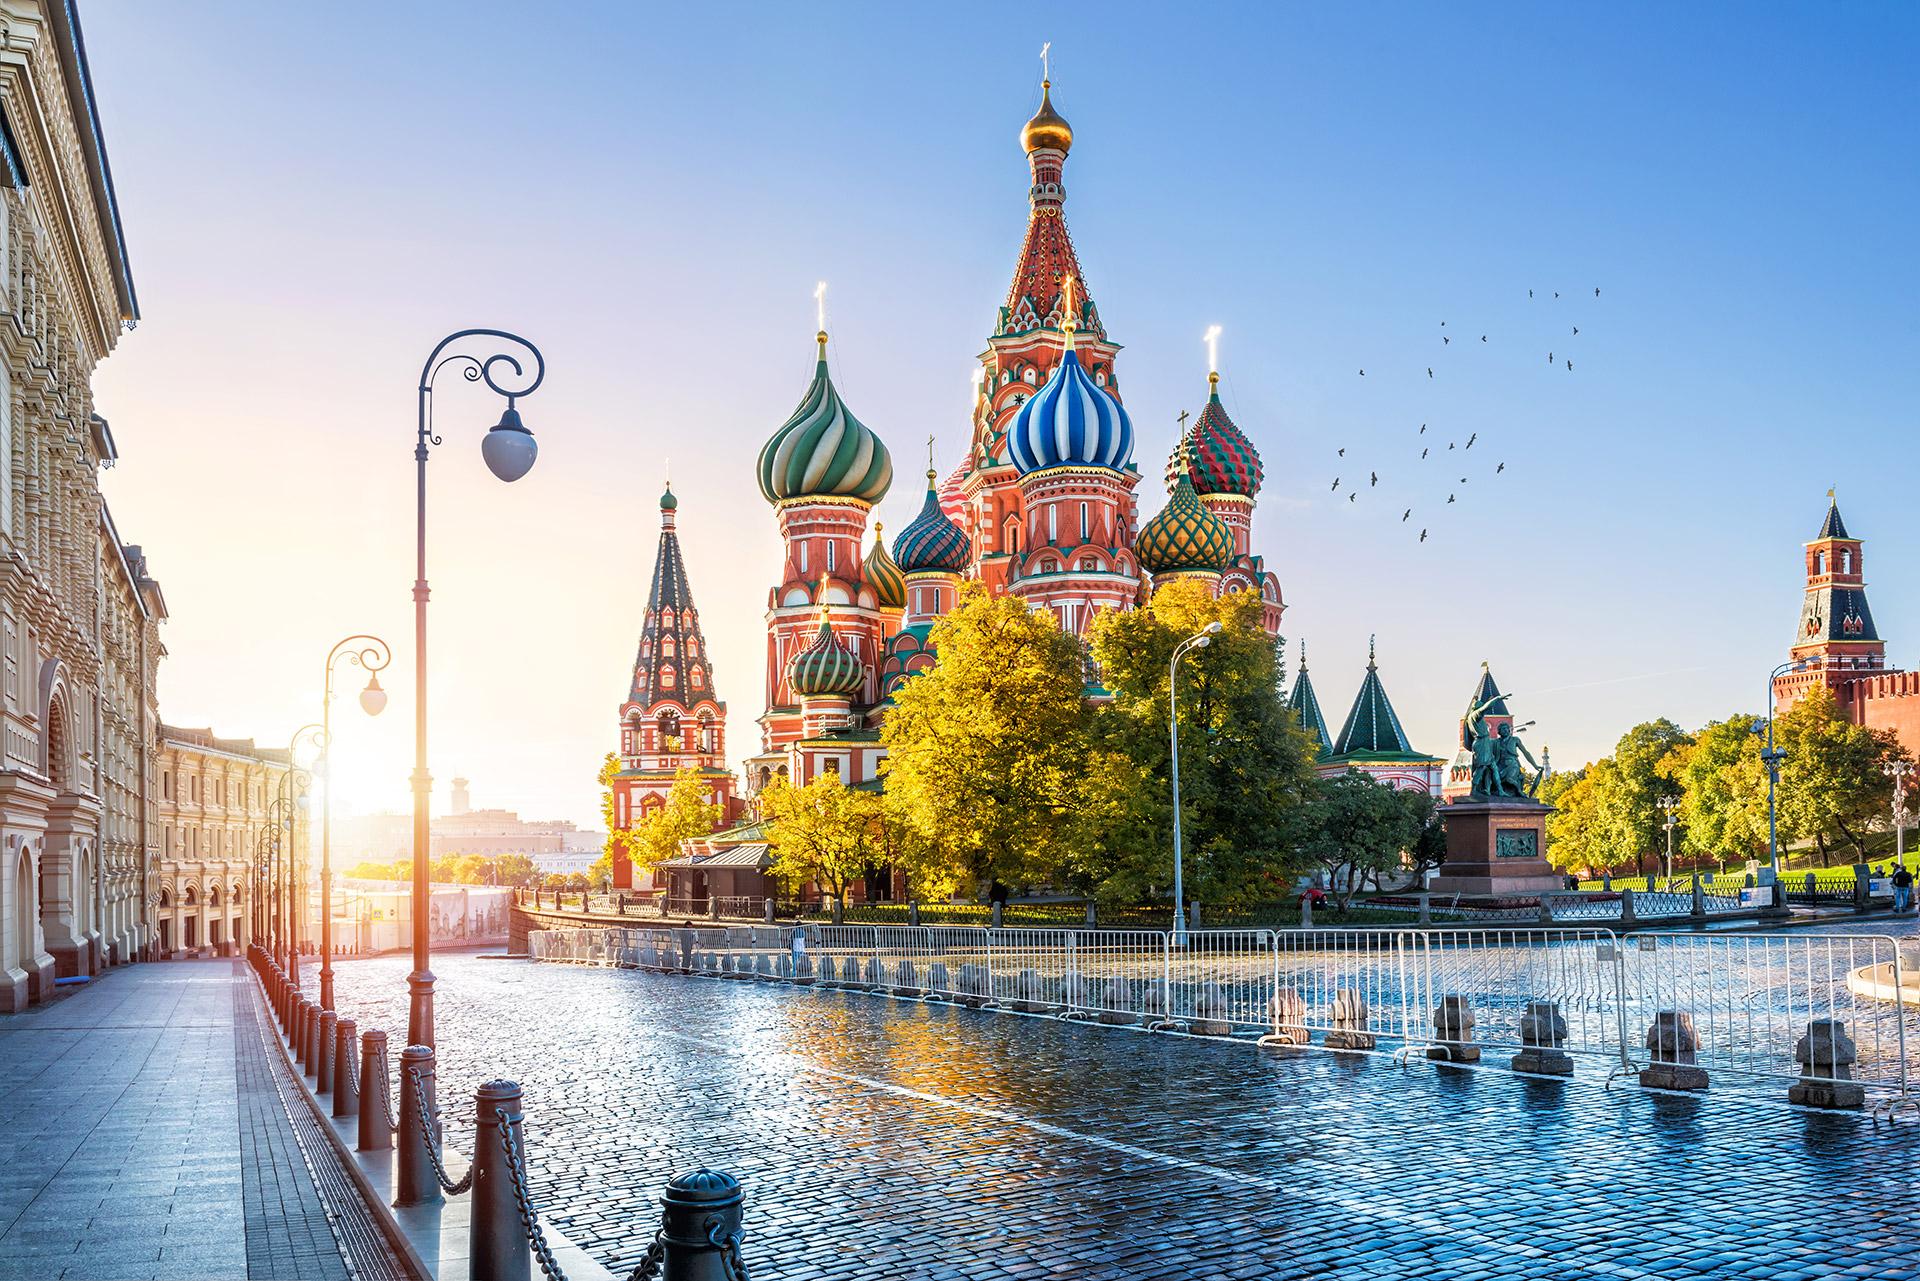 Basilius-Kathedrale, Moskau, Roter Platz